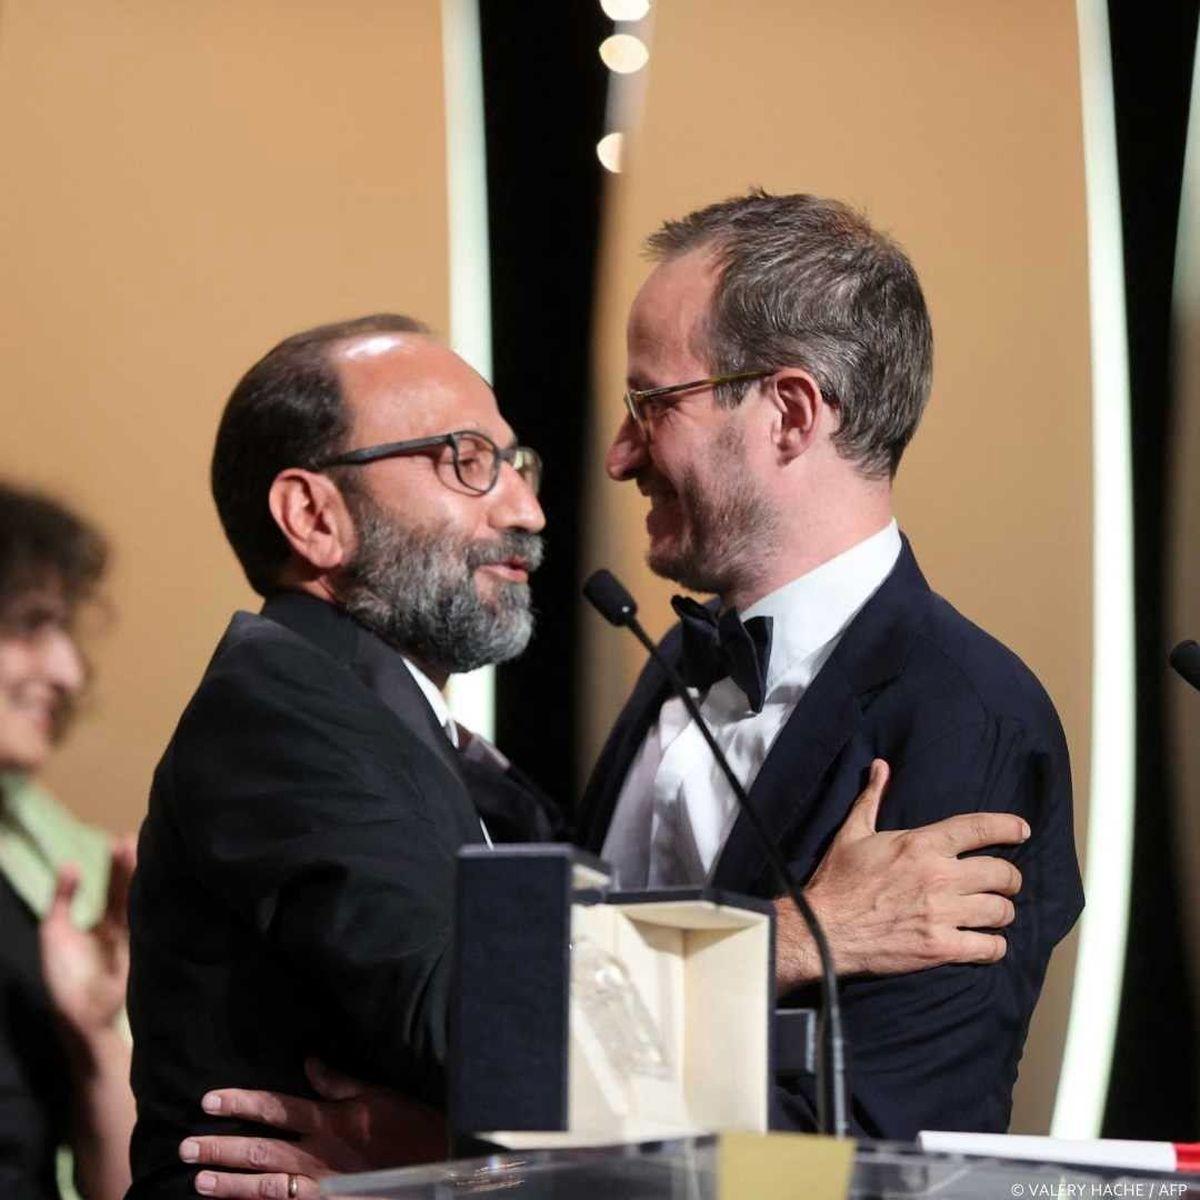 «قهرمان» بطور مشترک با فیلم فنلاندی برنده جایزه بزرگ جشنواره کن شدند